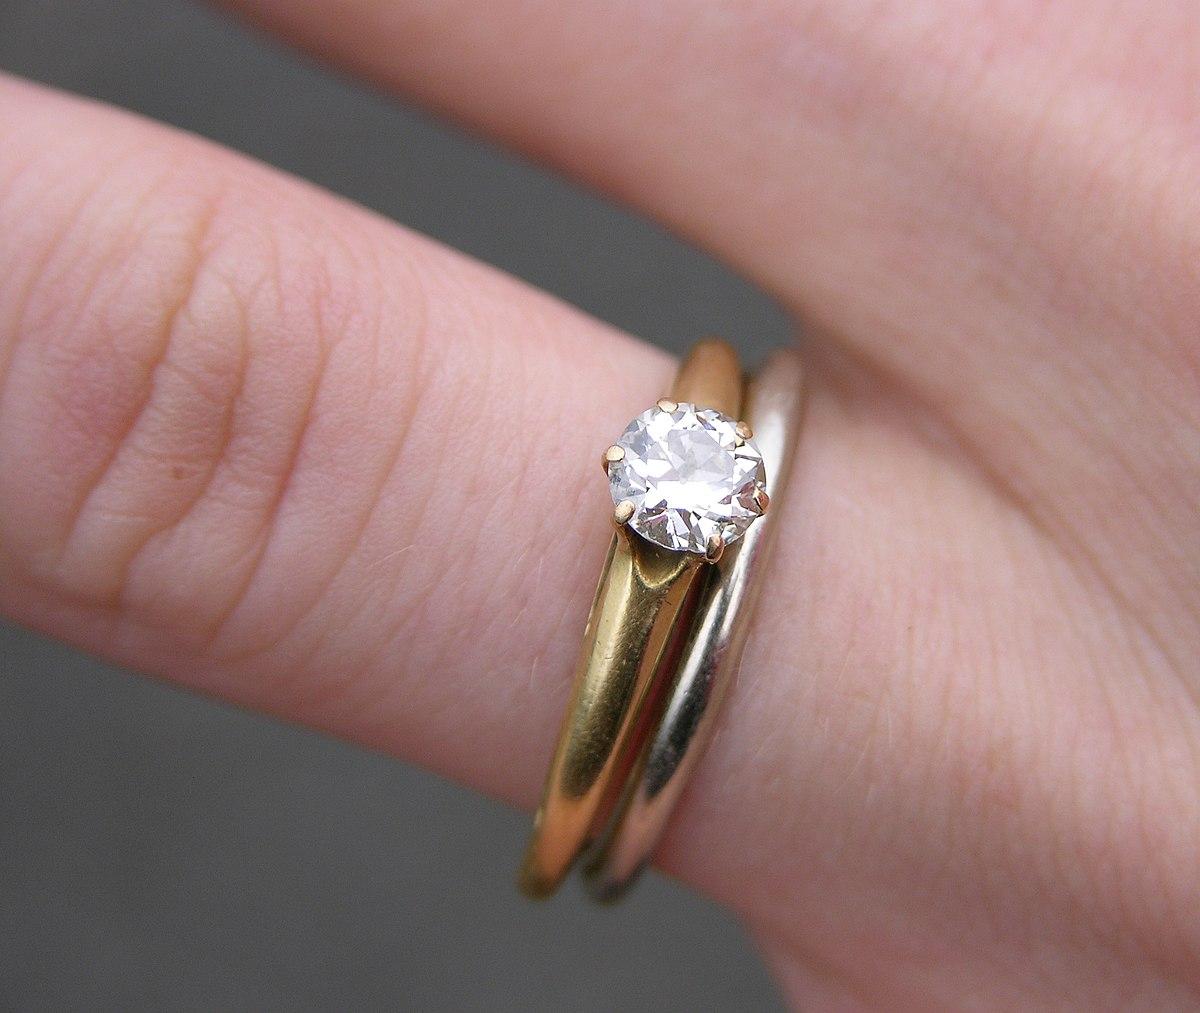 Engagement ring rings wedding